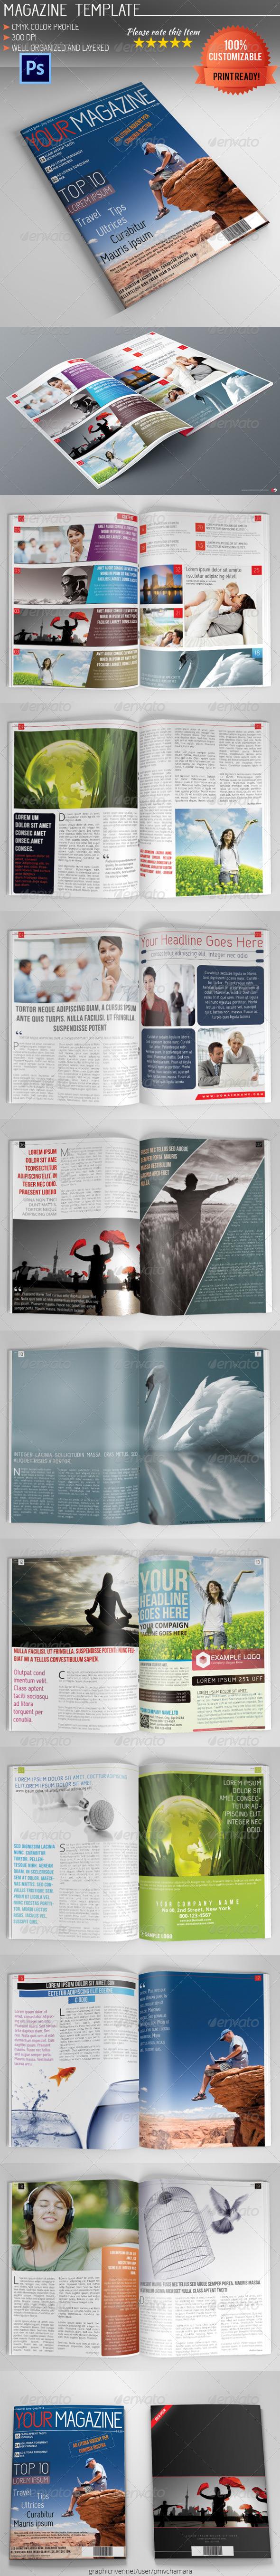 GraphicRiver Magazine Template Vol.4 5409001